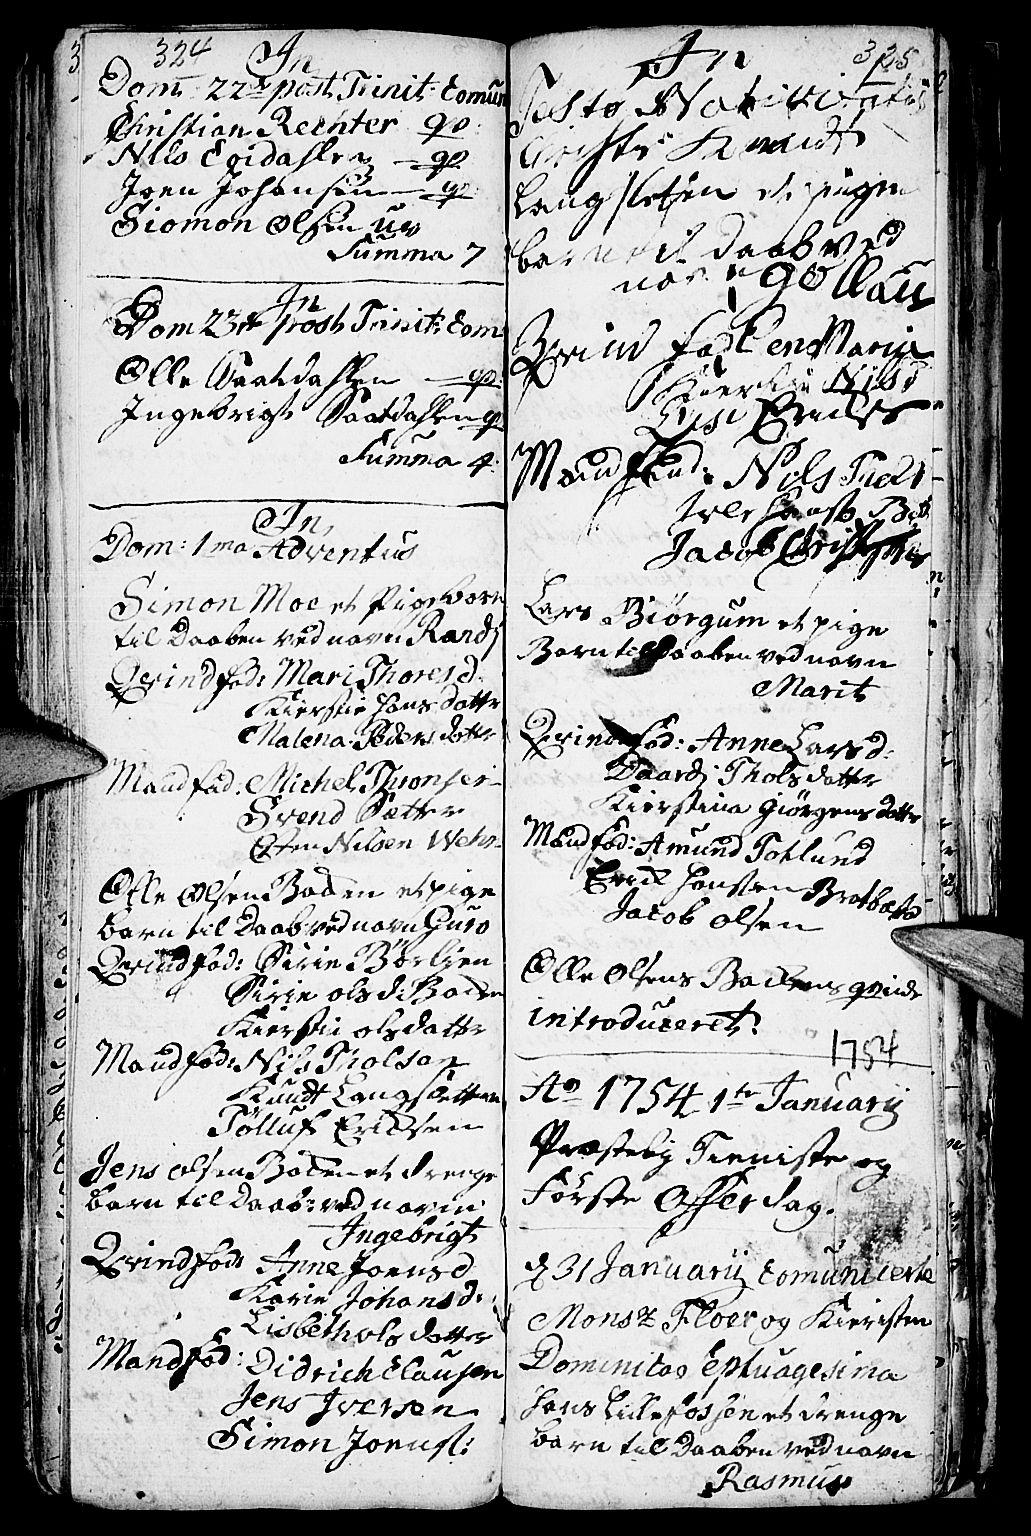 SAH, Kvikne prestekontor, Parish register (official) no. 1, 1740-1756, p. 324-325